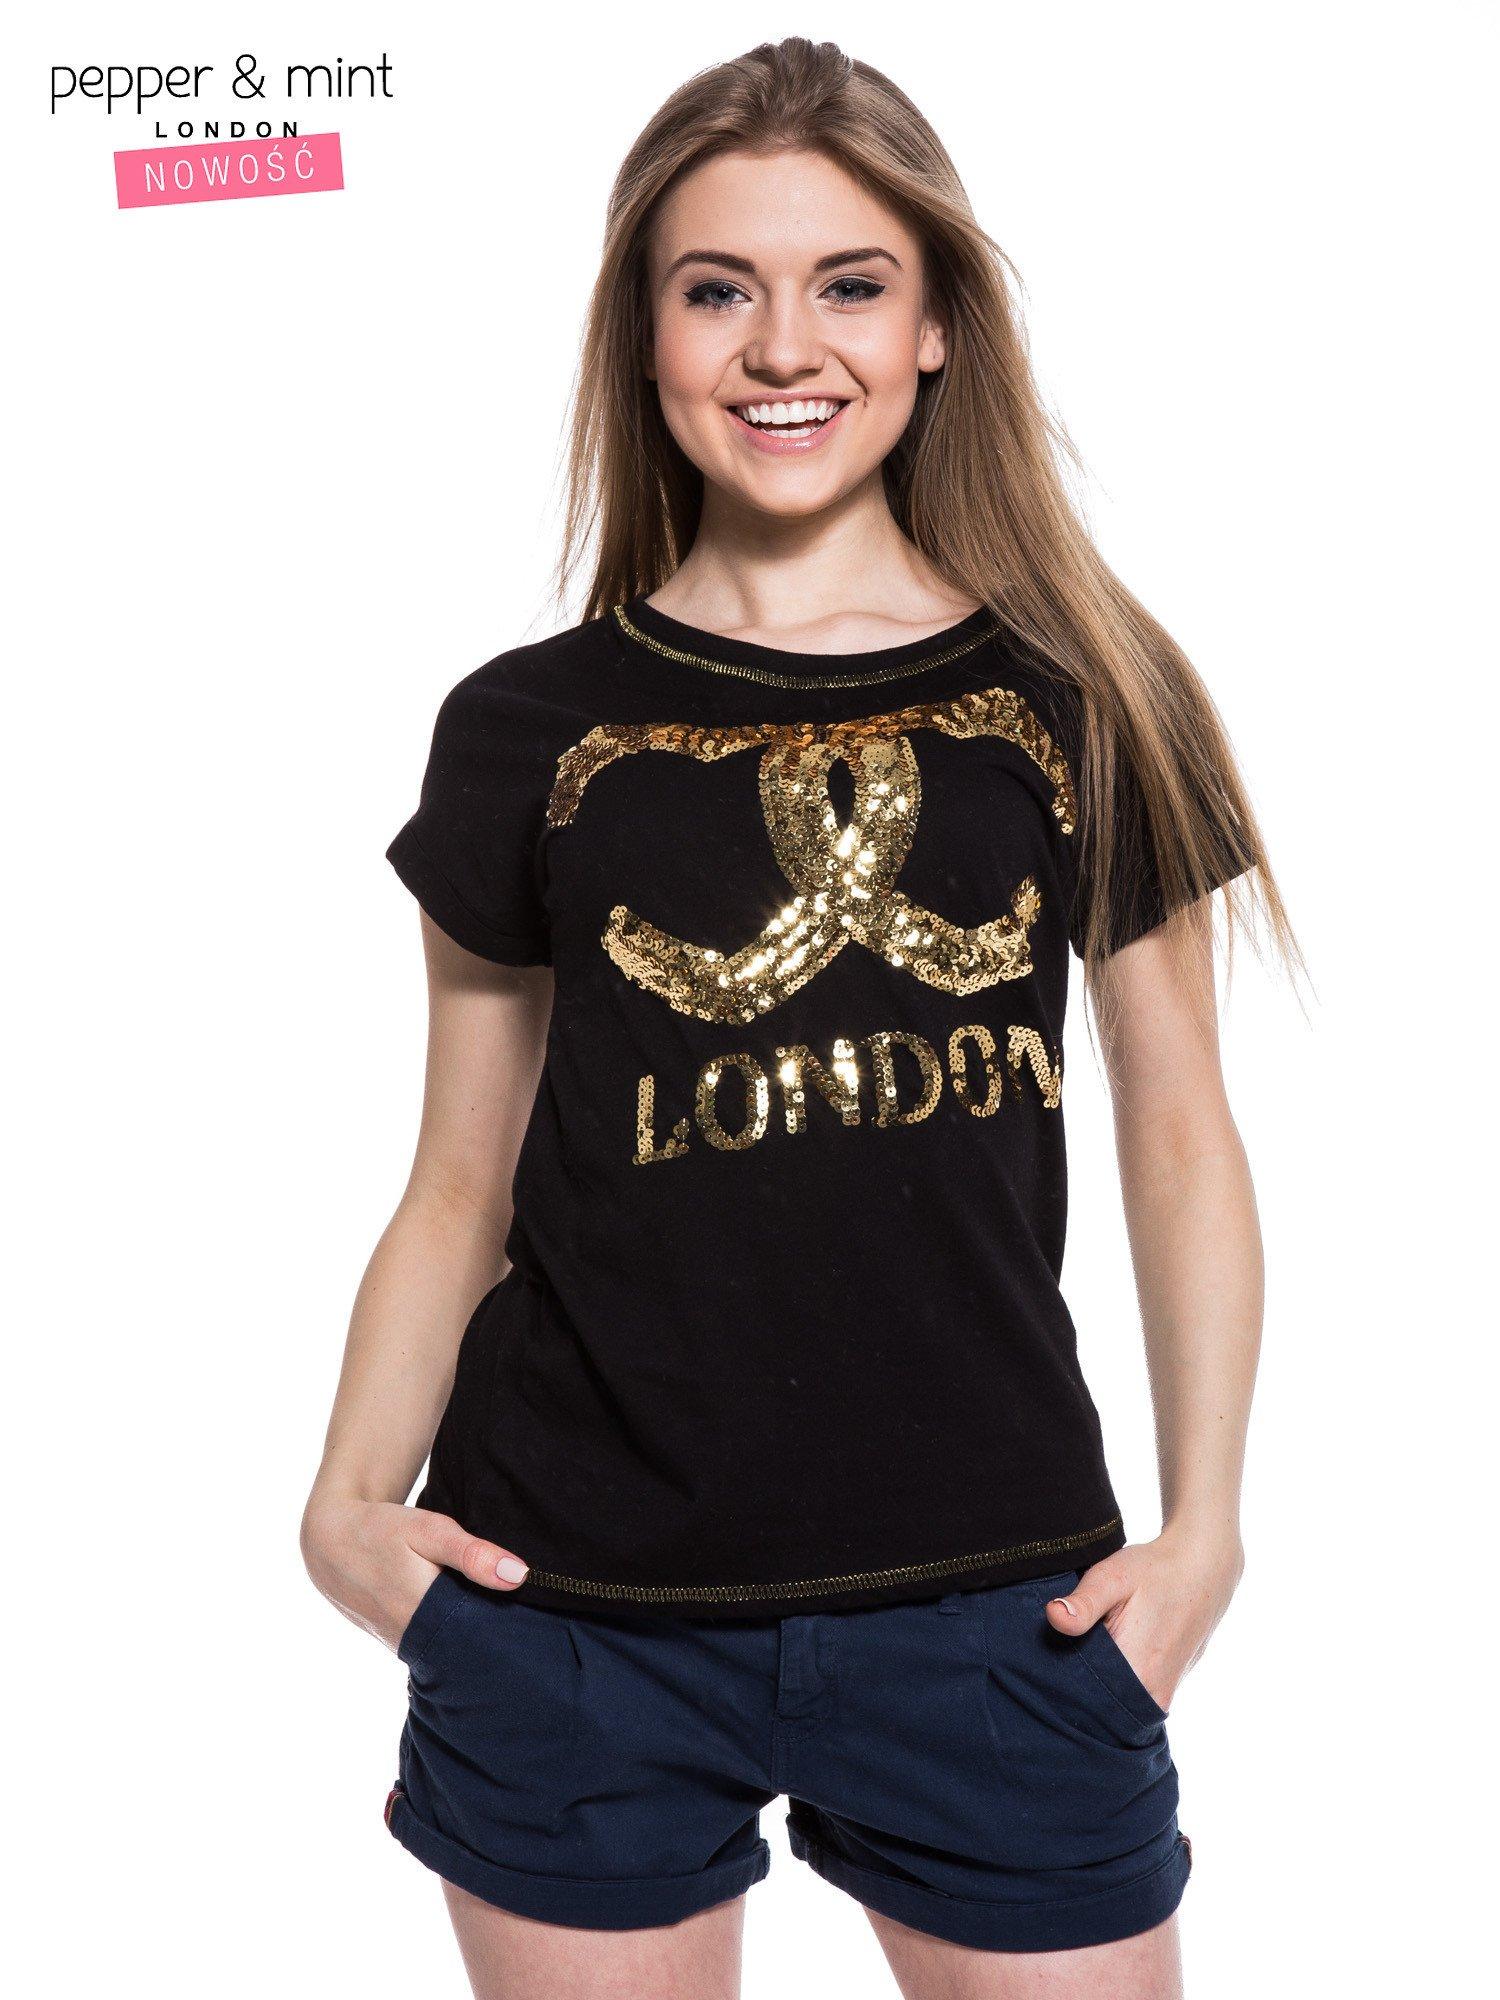 Czarny t-shirt z sercami z cekinów i nadrukiem LONDON                                  zdj.                                  1